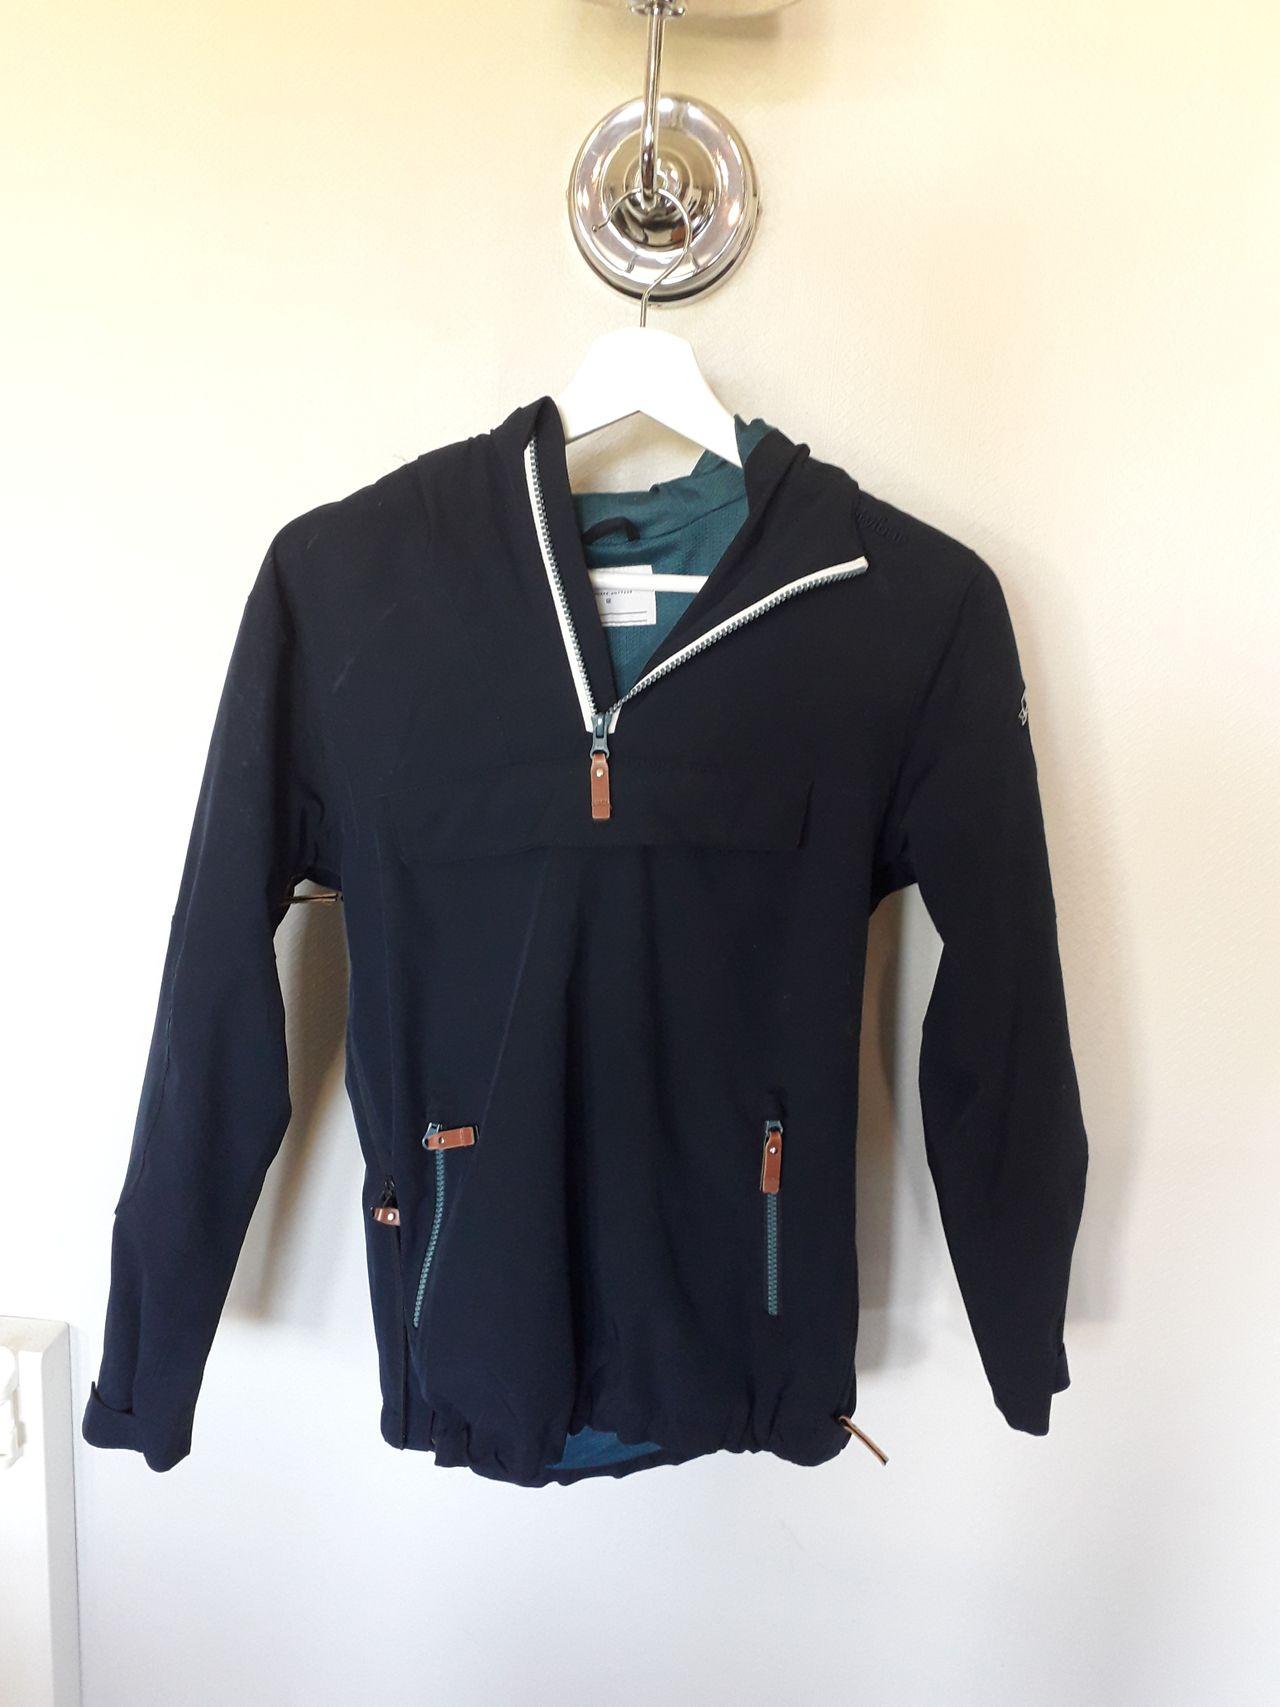 Twentyfour jakke 12 år. Nydelig mørkeblå farge | FINN.no